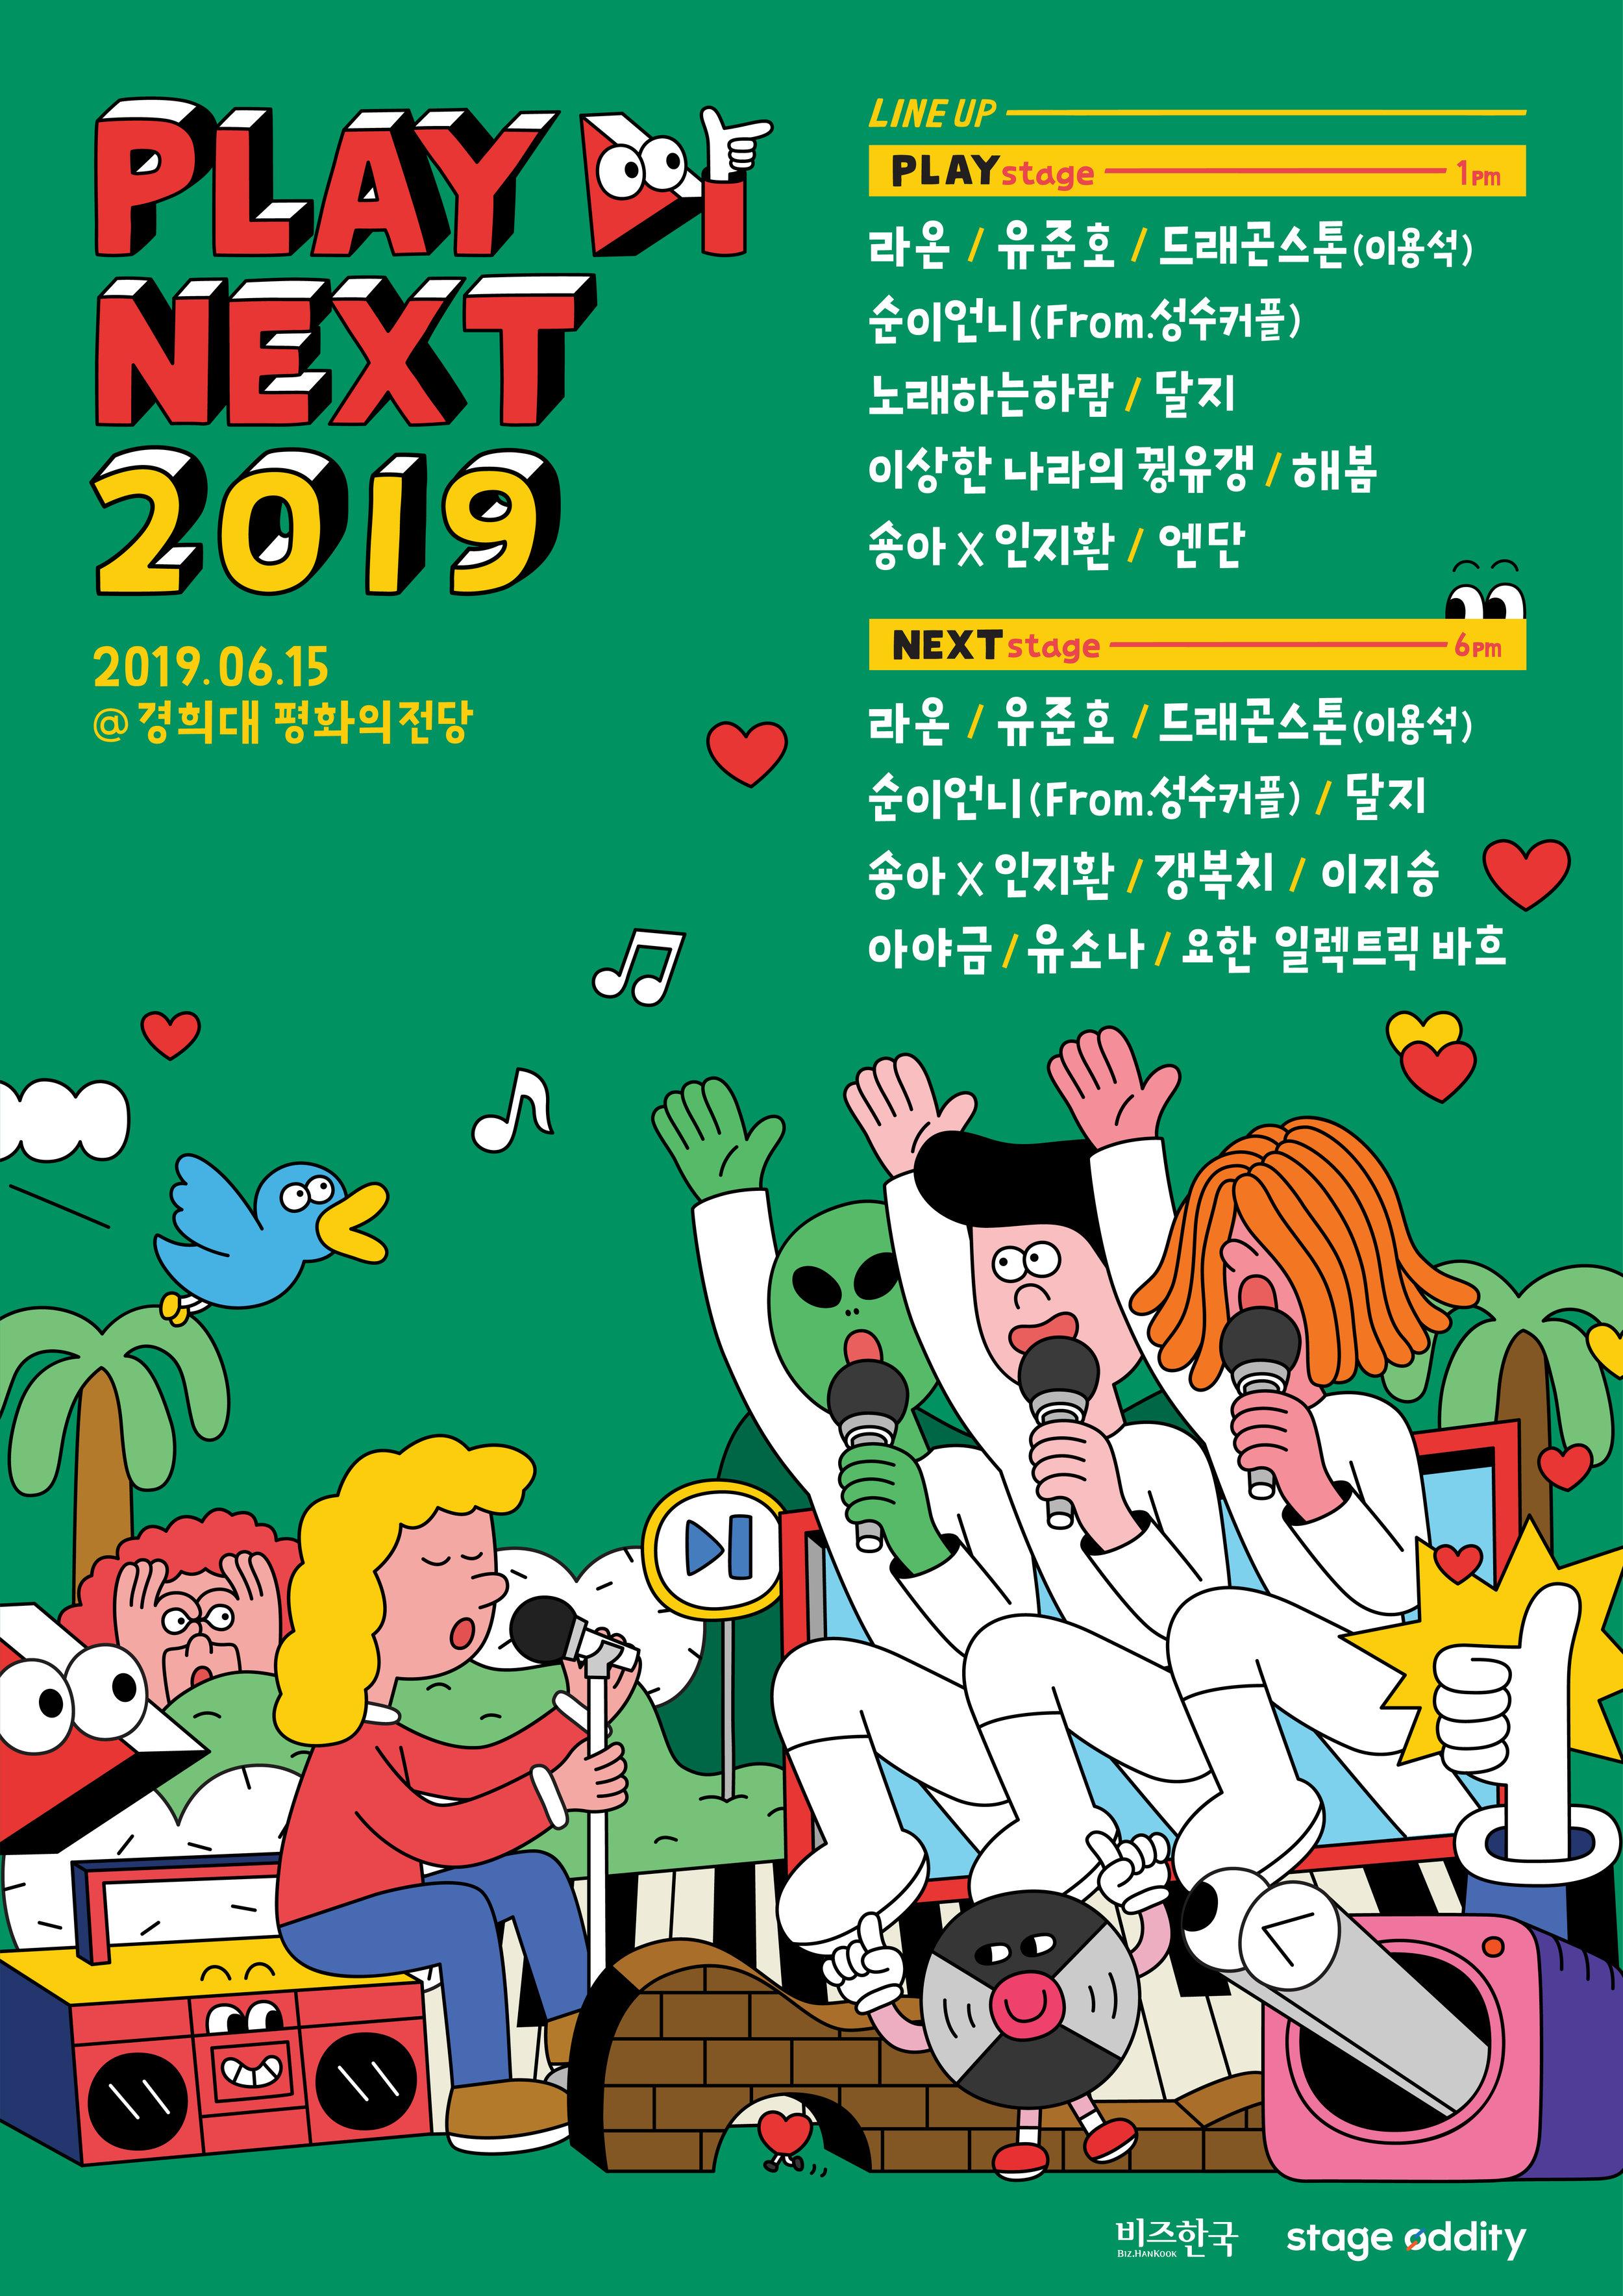 play next 2019_poster_main poster_190510_FA-01 (1) (1).jpg